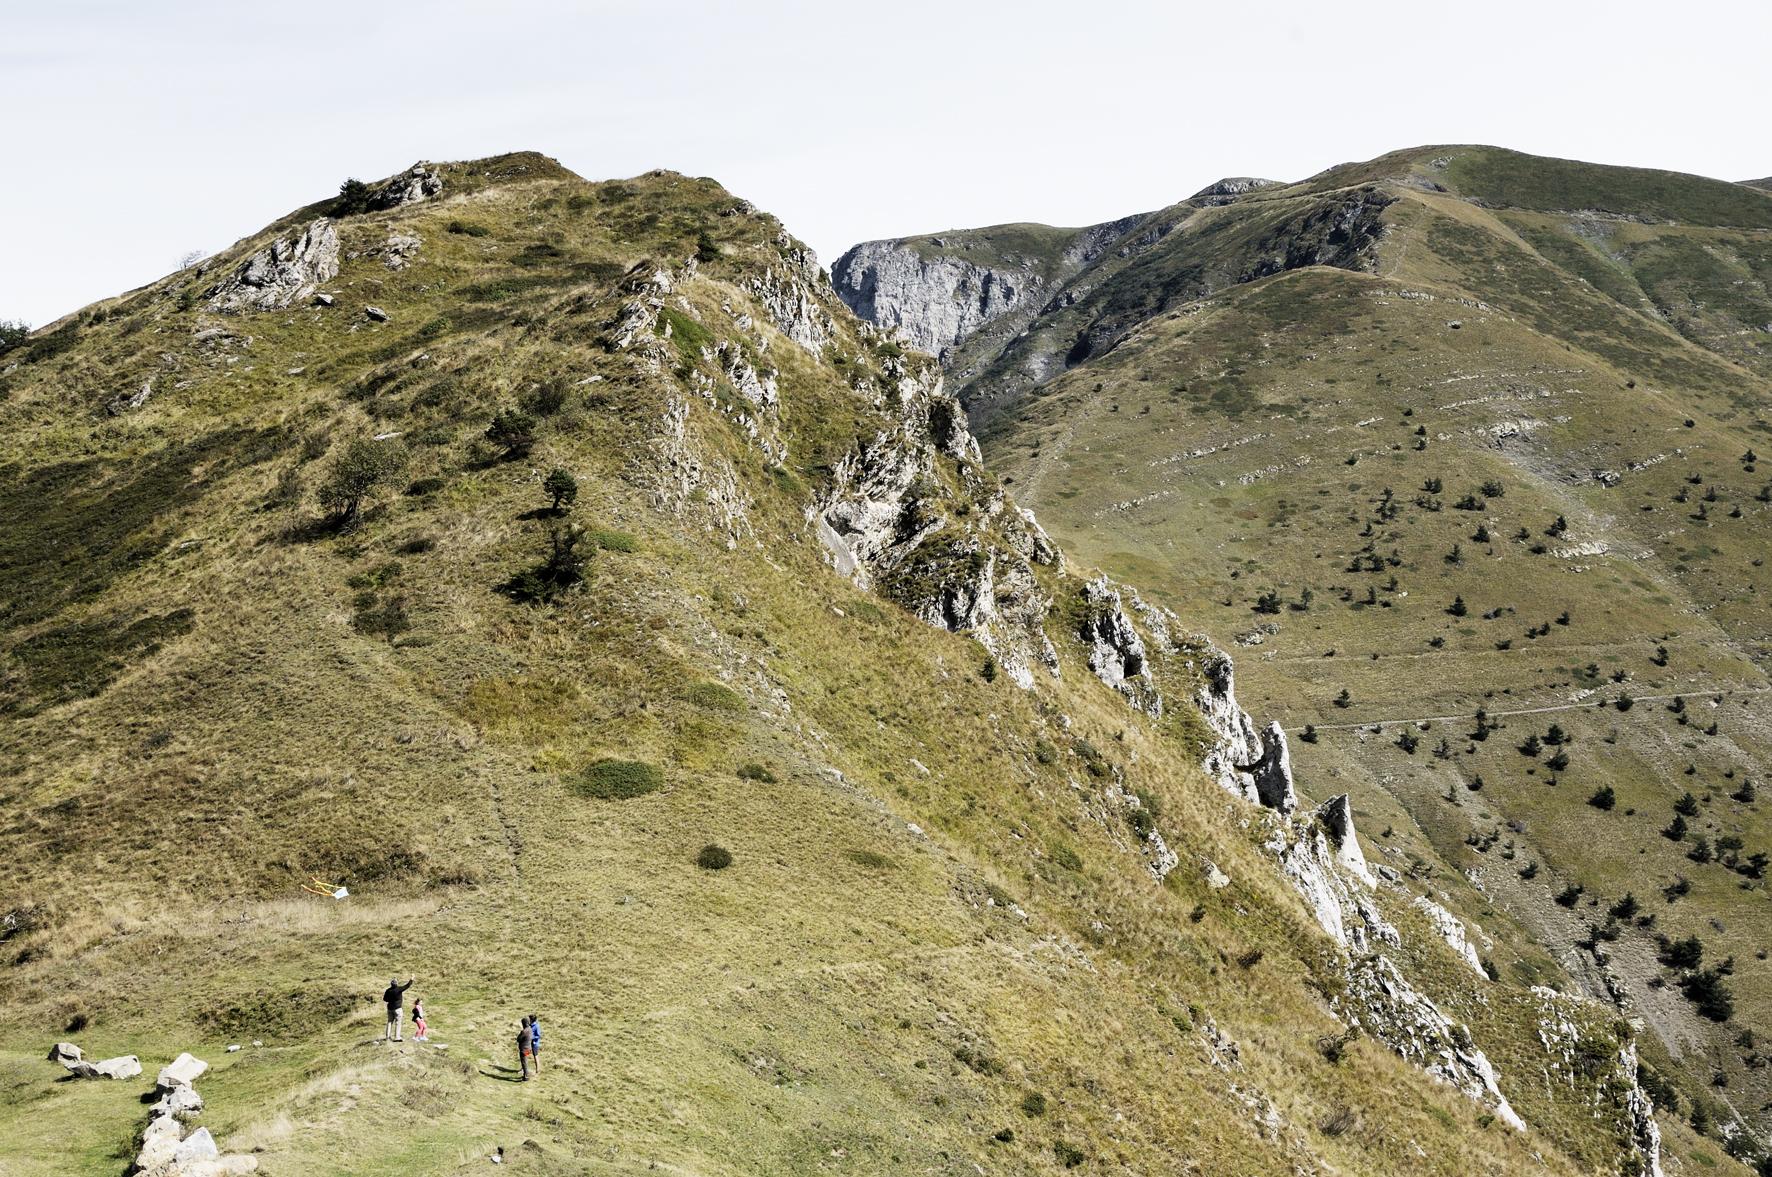 L'eco della storia nei paesaggi di montagna di Luca Prestia. Intervista